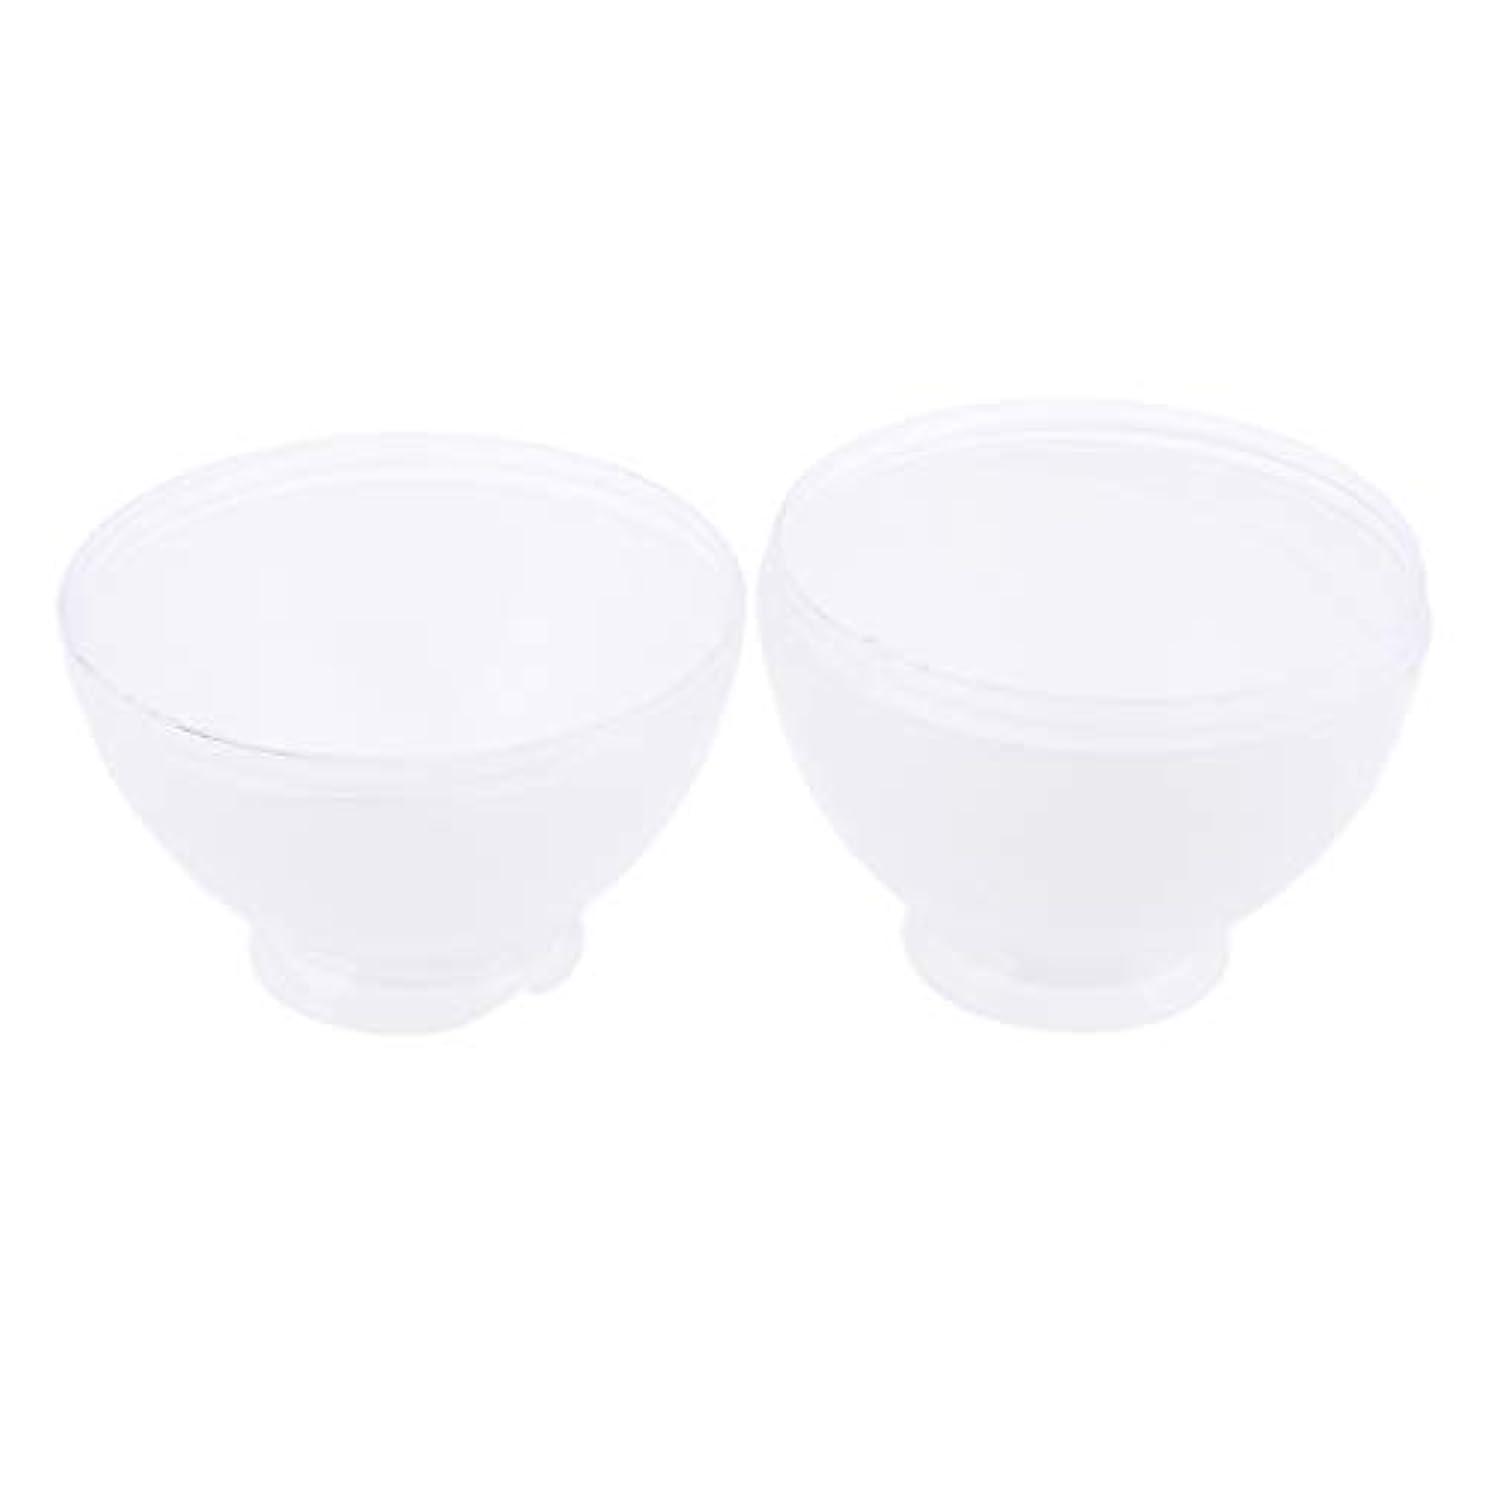 DYNWAVE カラーボウル ヘアカラー ミキシングボトル プロ 美容師 キャンディー形状 便利 漏れ防止 全3色 - 白